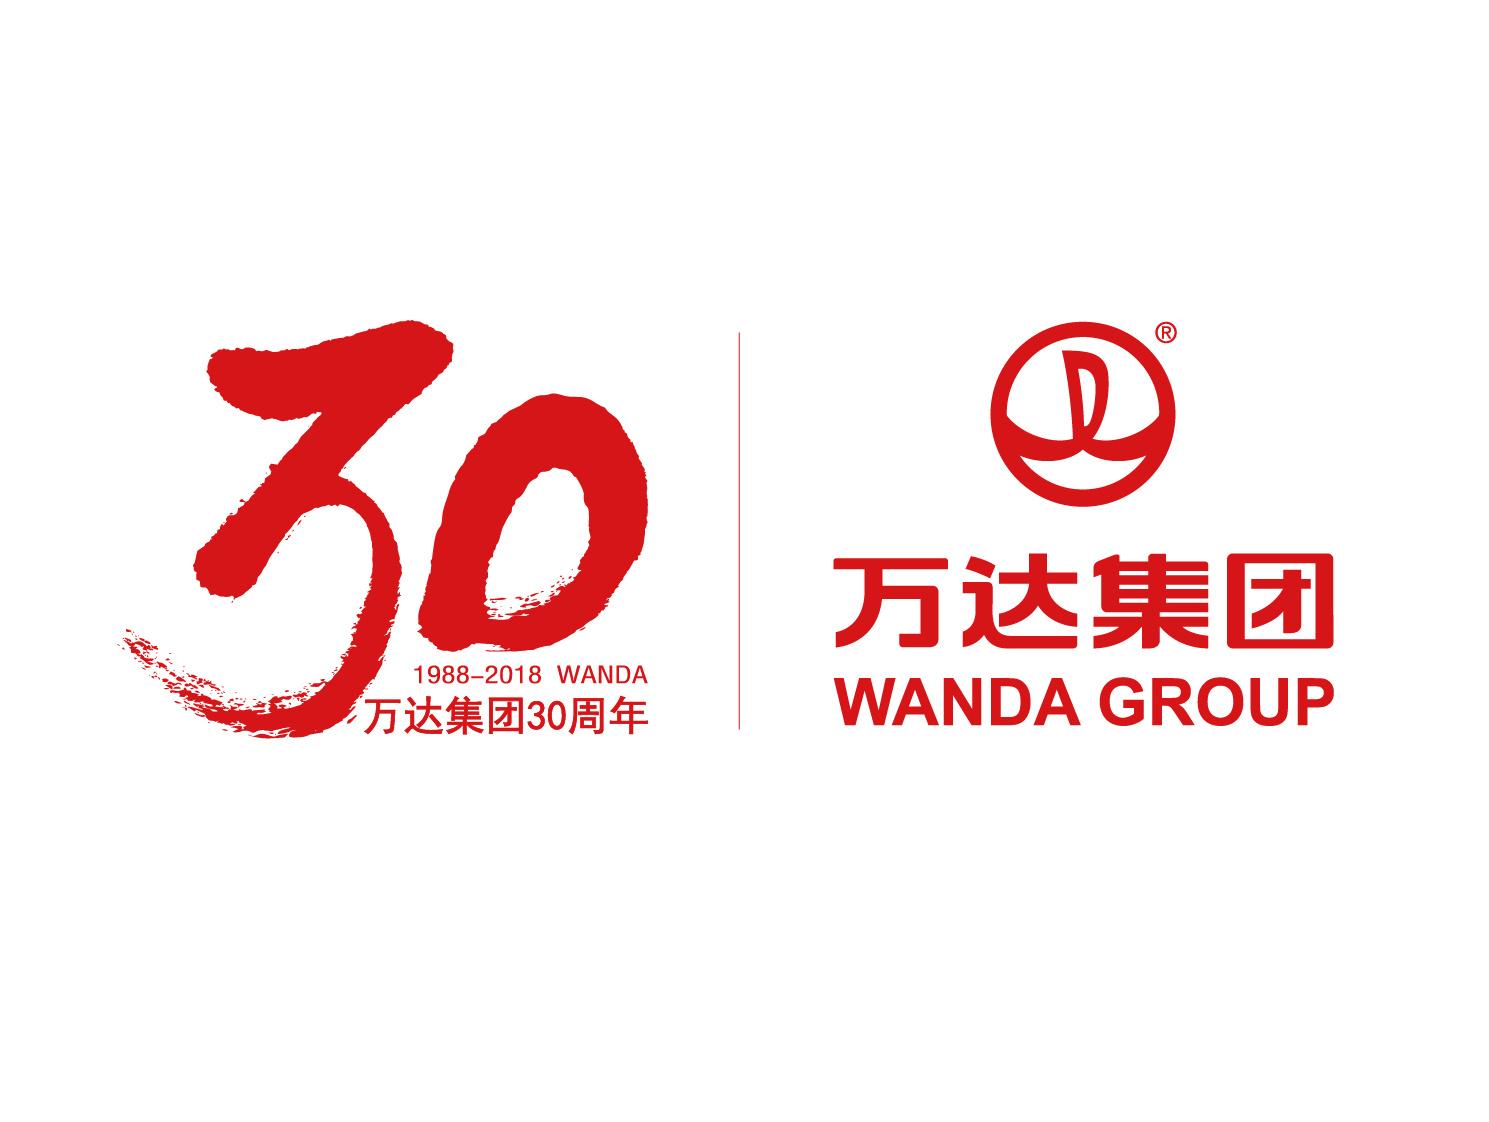 万达集团30周年logo图片